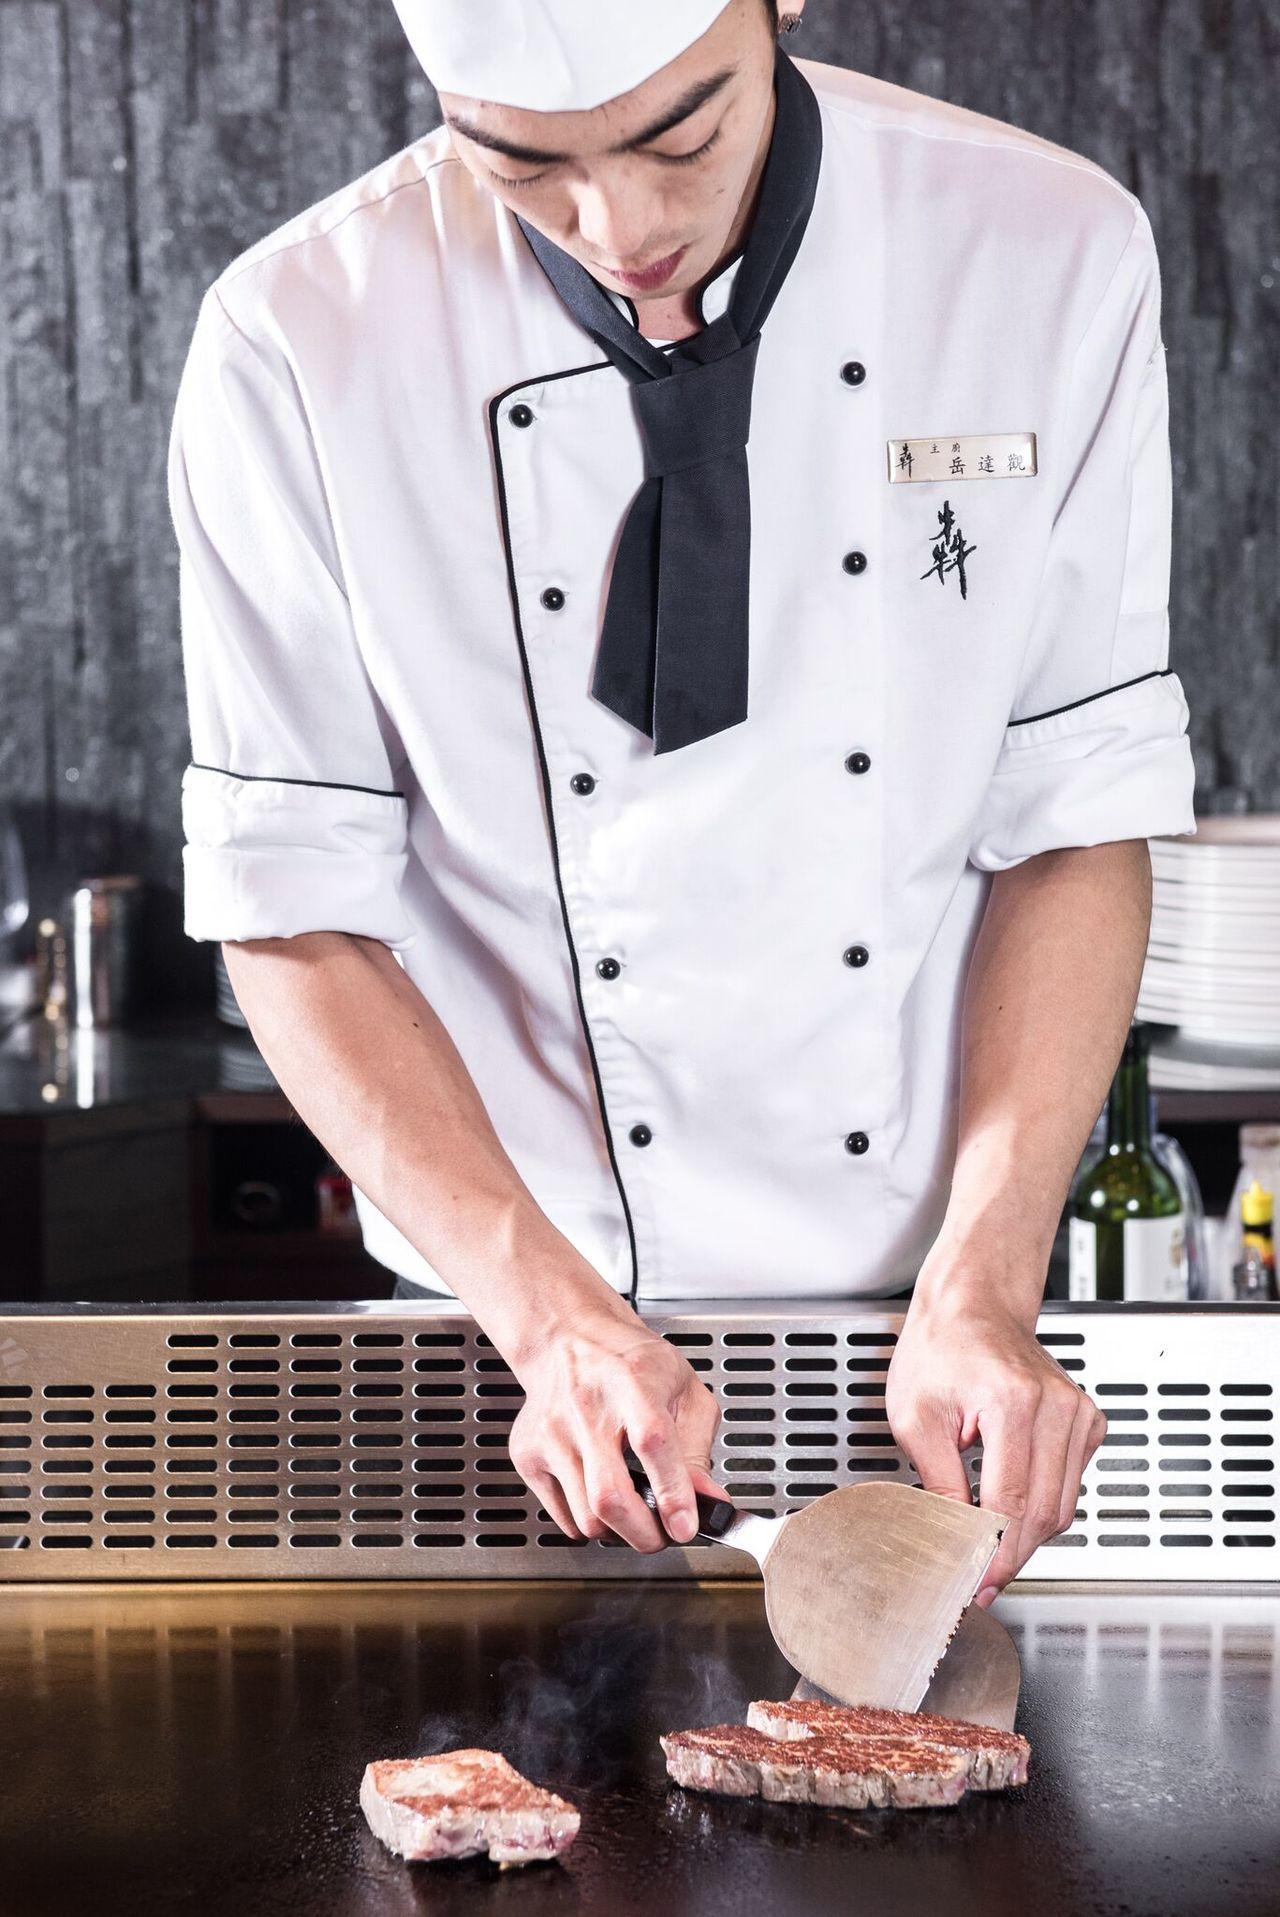 犇鐵板燒推出一次可品嘗7種牛肉豪華口感套餐。圖/犇提供